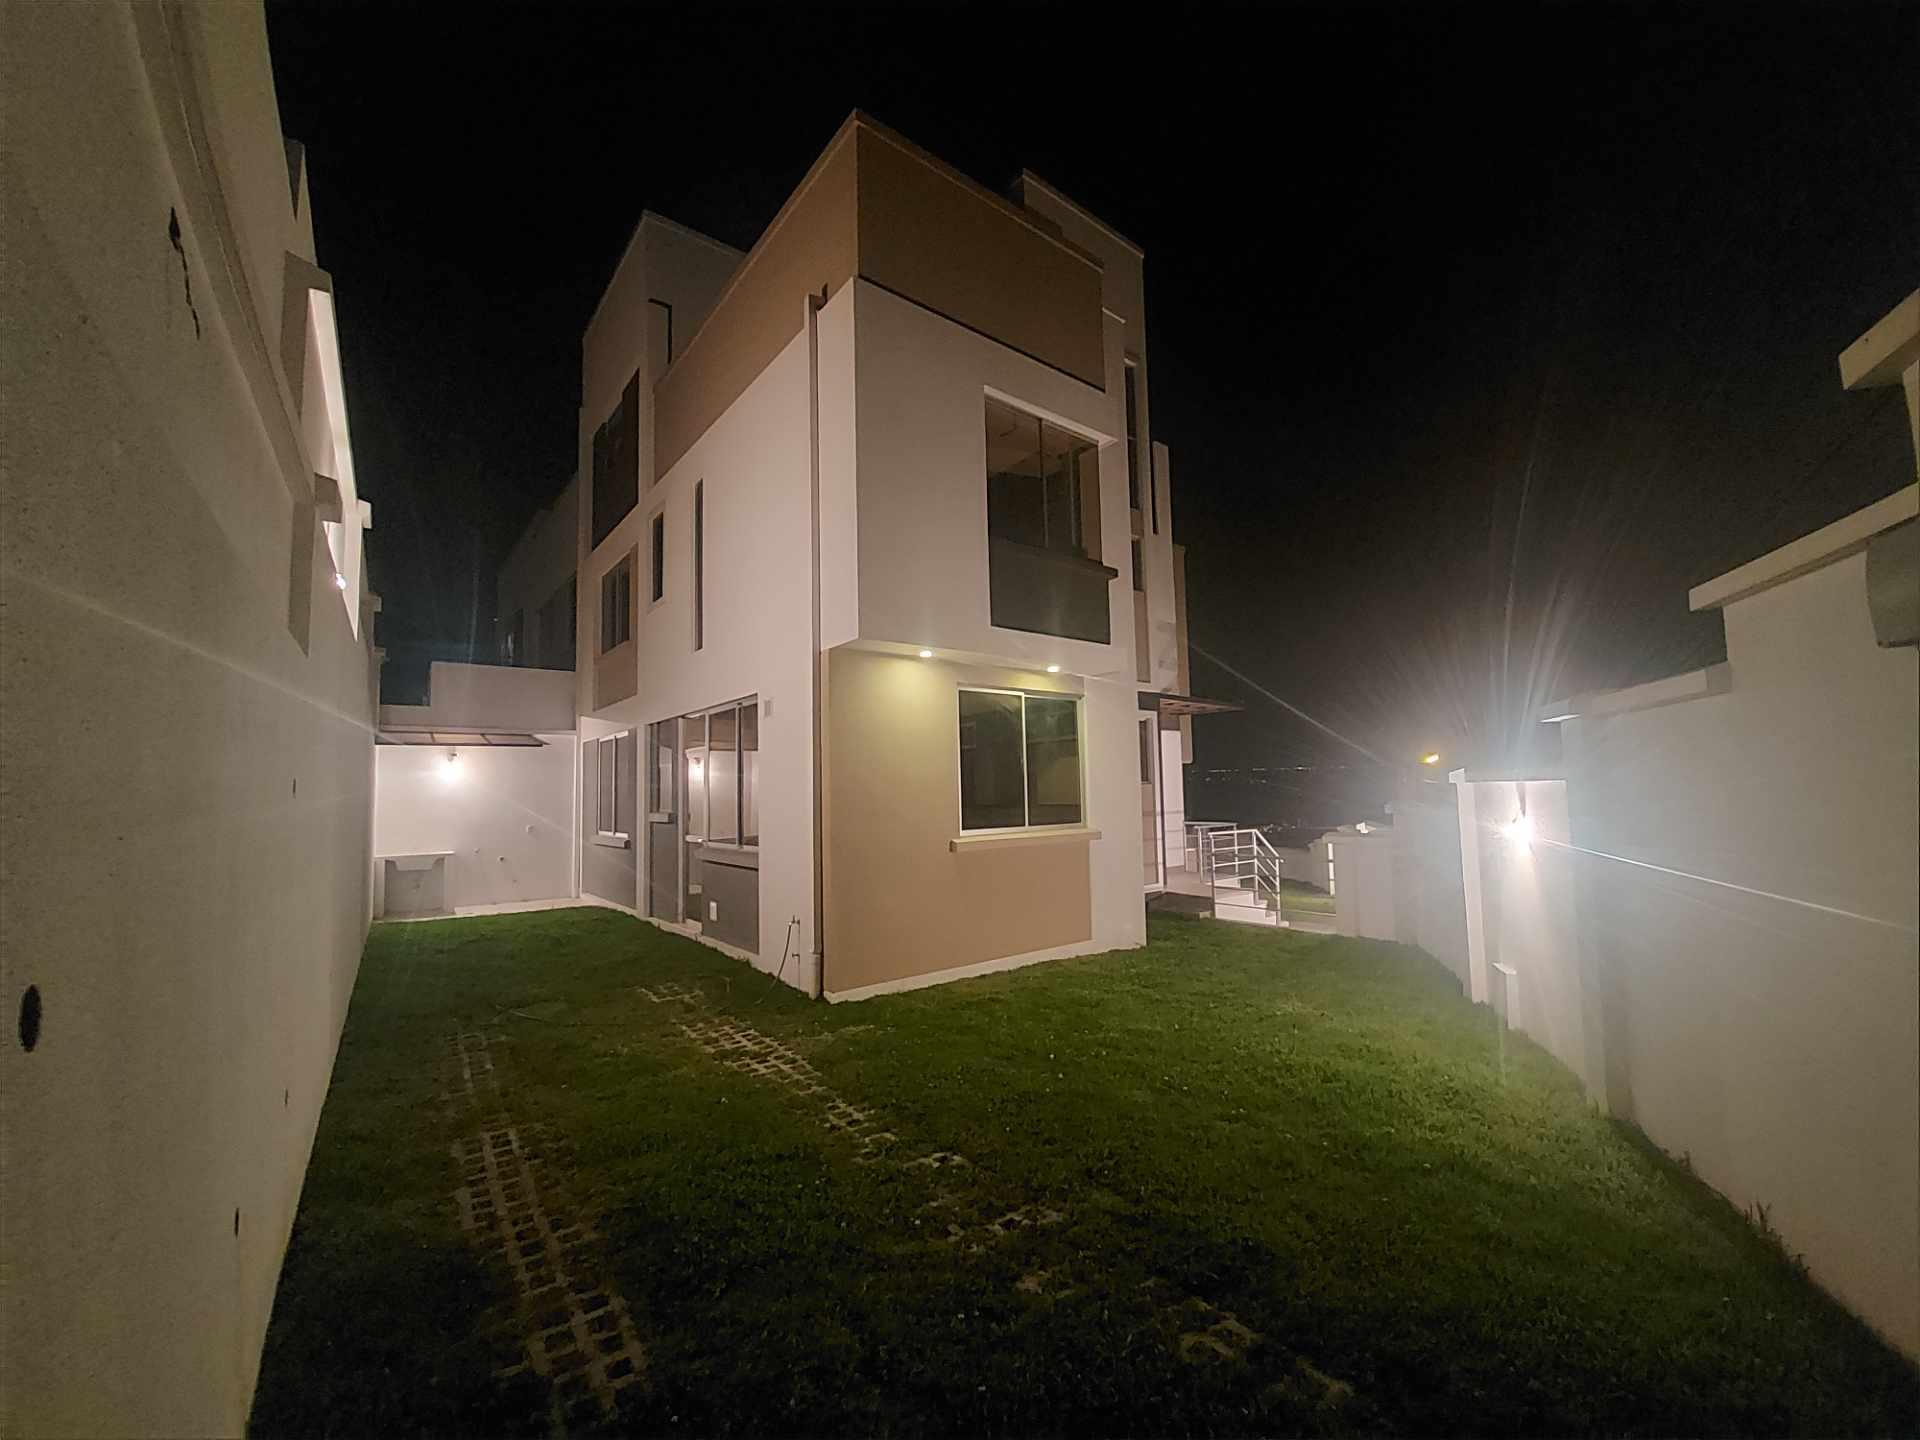 Casa en Venta ACHUMANI HERMOSA CASA NUEVA EN ESQUINA Foto 4